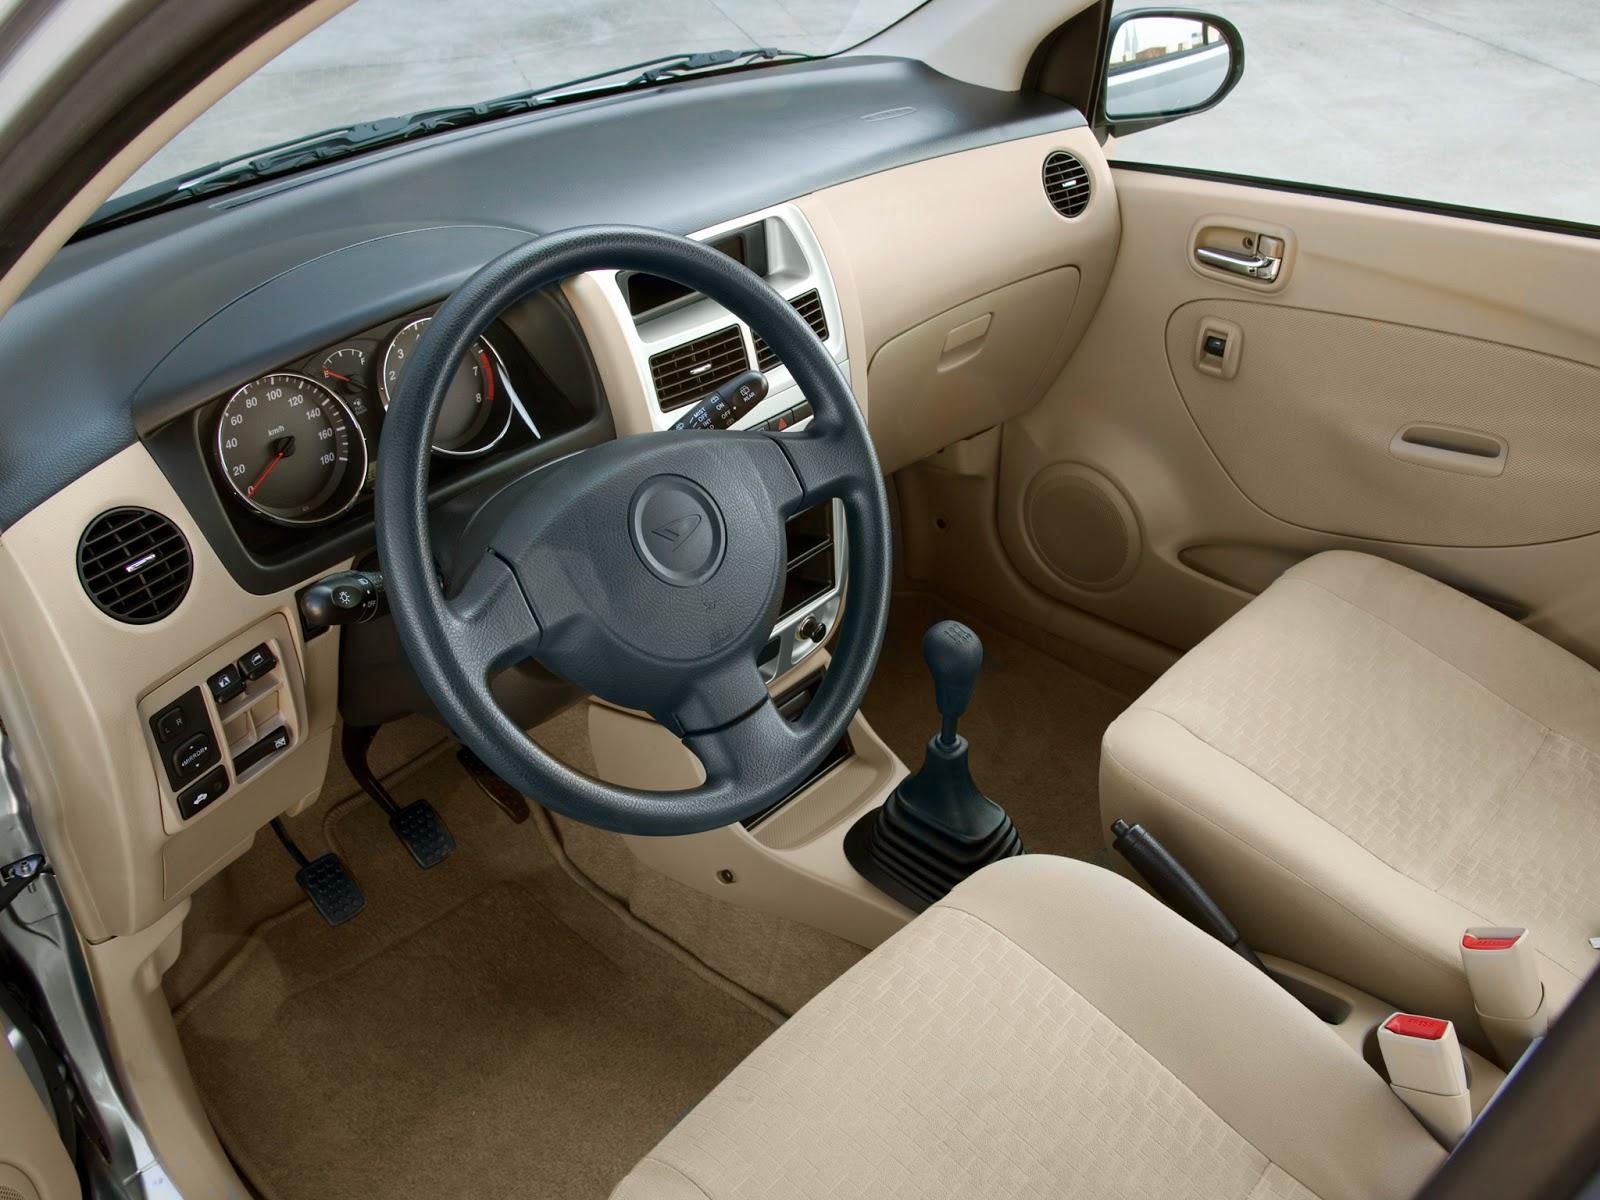 Daihatsu Cuore, L251, VI, niedrogie, miejskie auto, mały samochód, miejski, silnik 3-cylindrowy, wnętrze